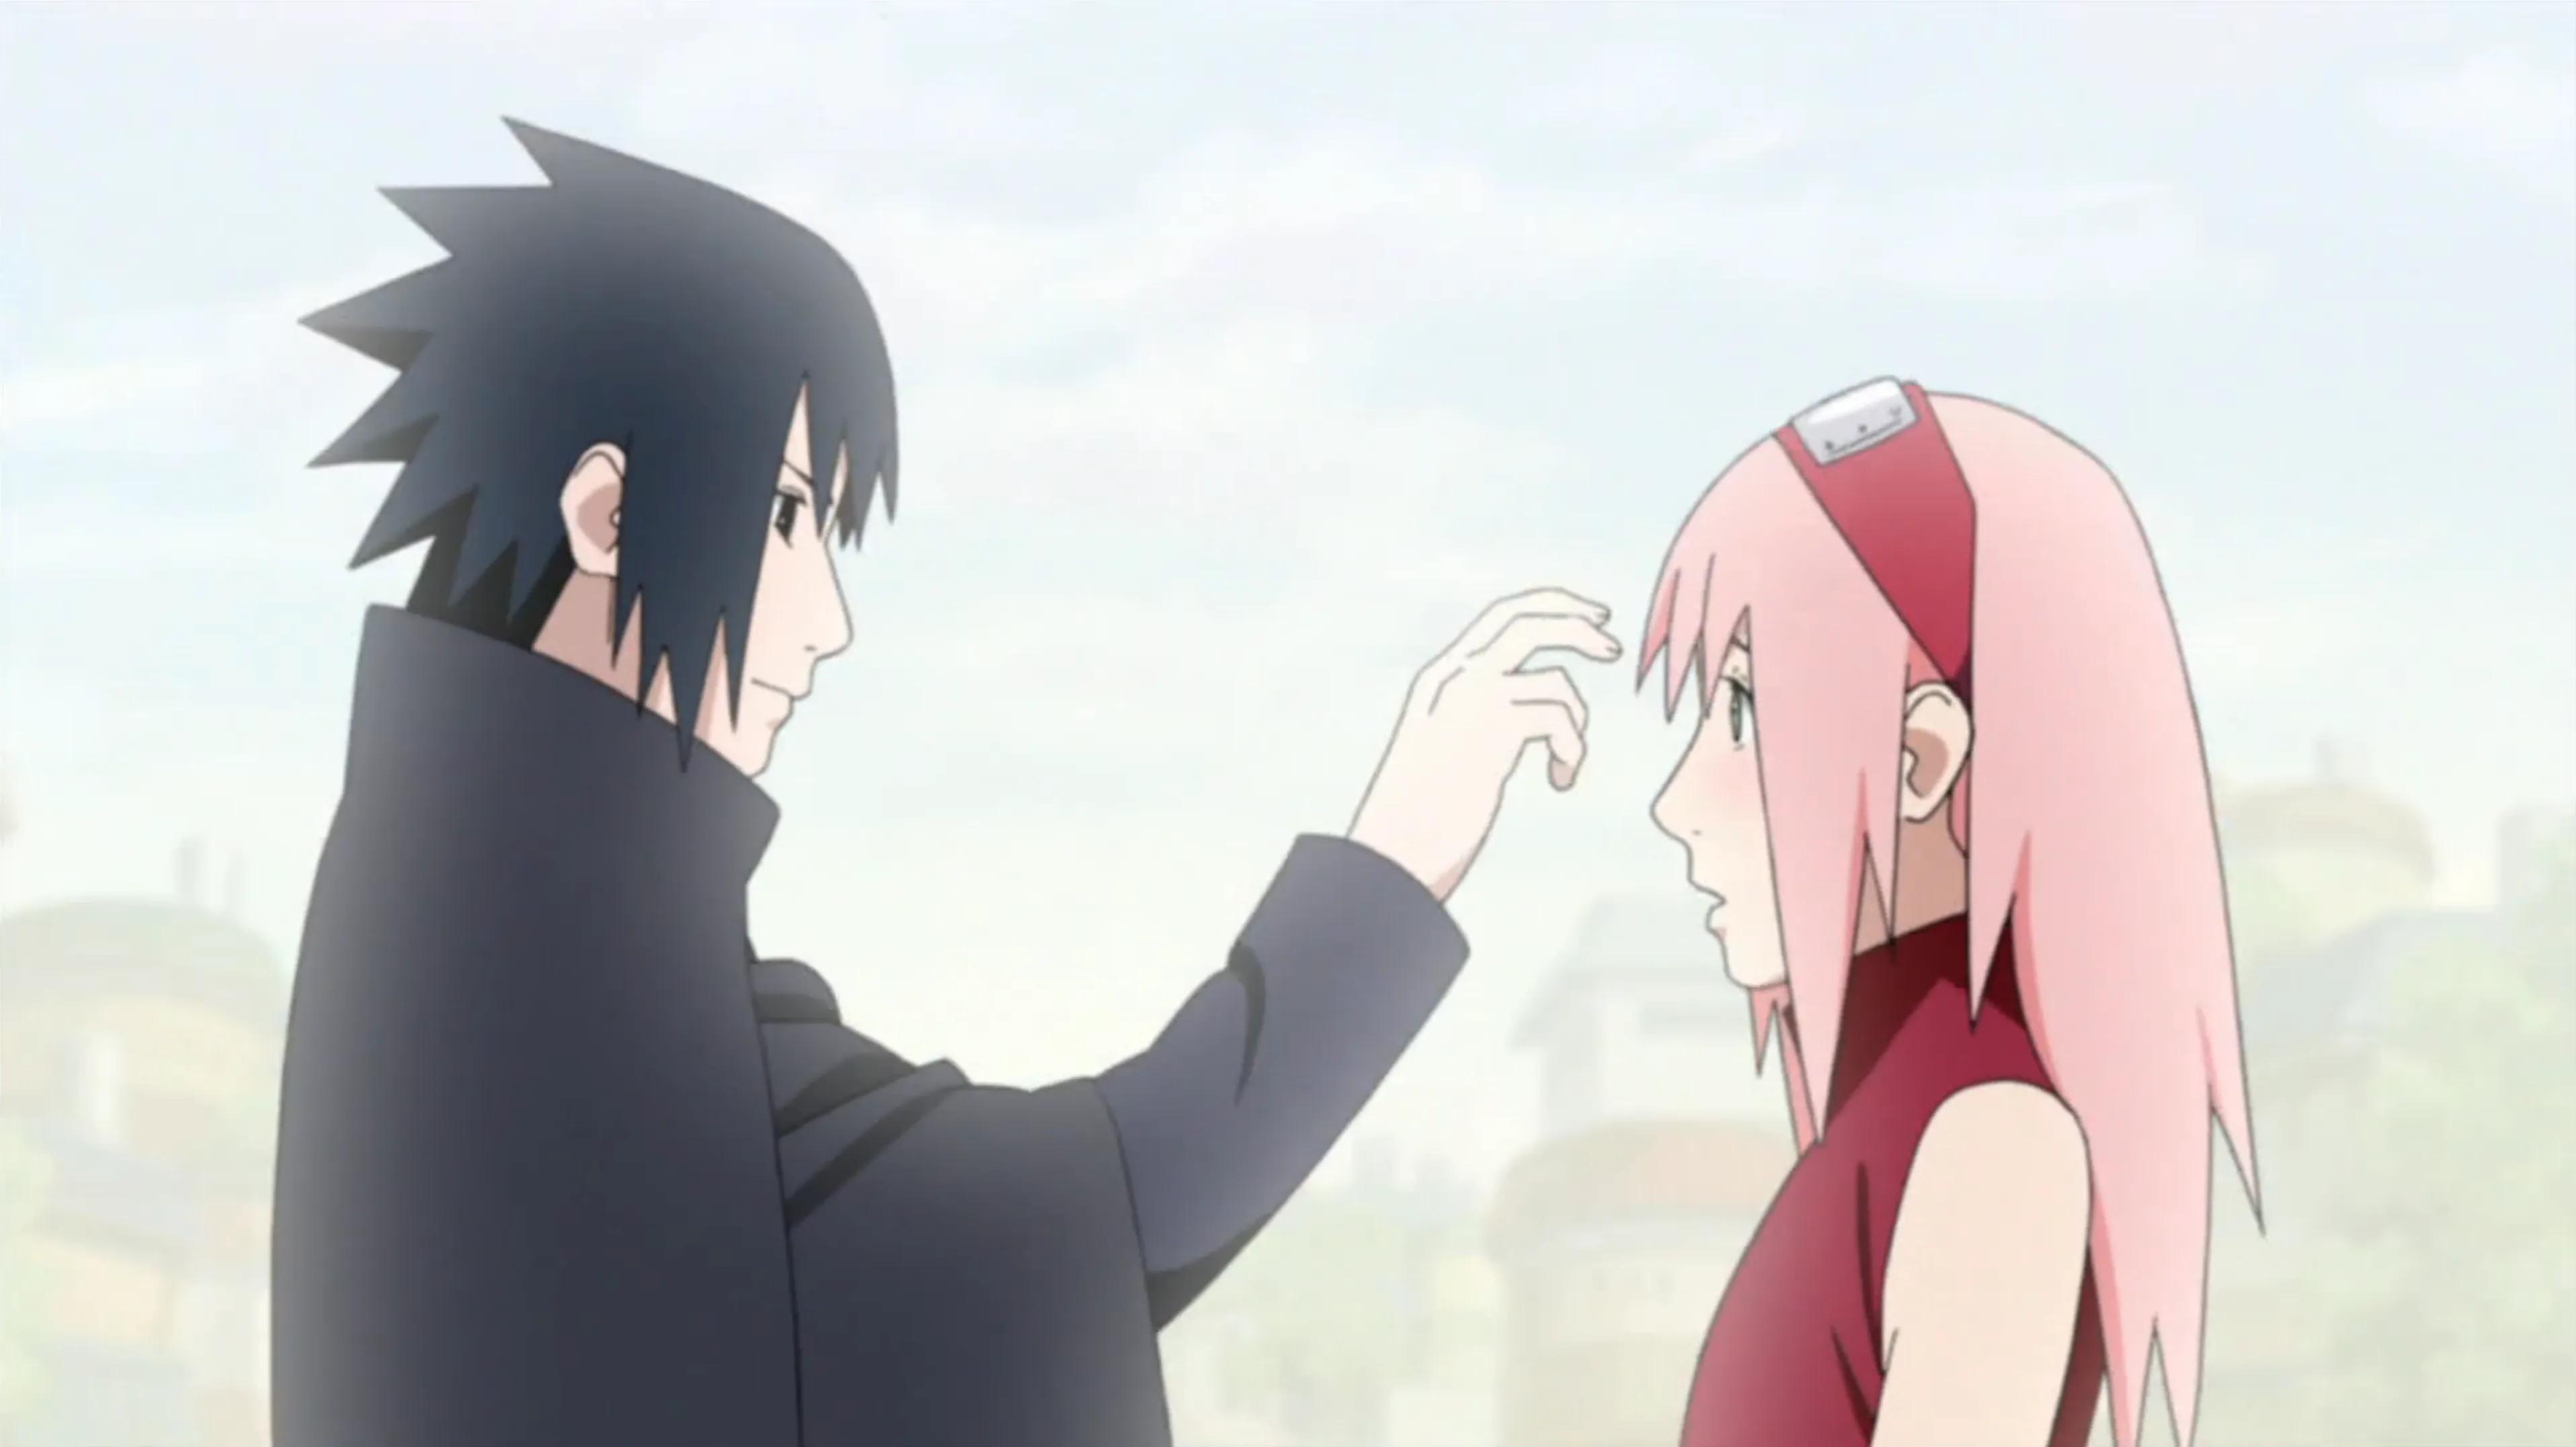 Le vicende di Sakura e Obito possono essere analizzate da un punto di vista psicologico che mette in luce le loro difficoltà nei rapporti.